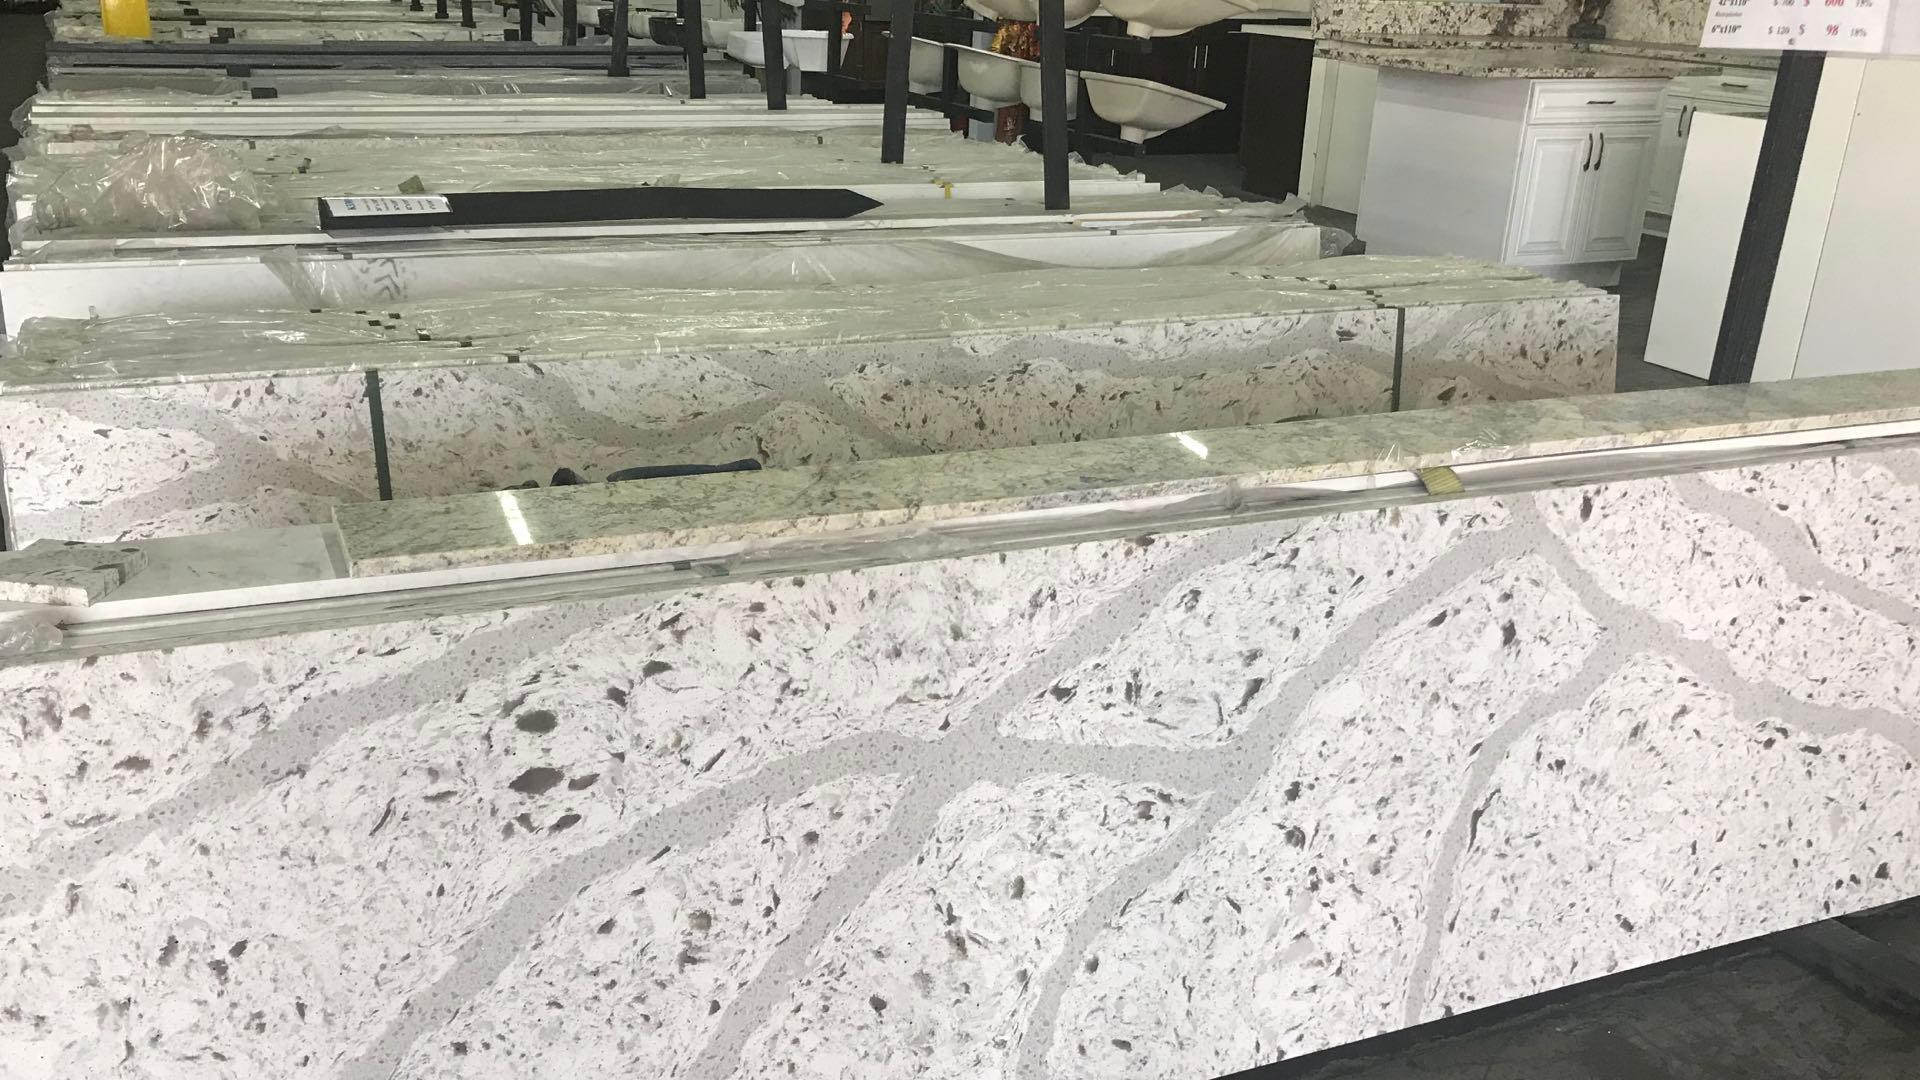 APEX Kitchen Cabinet and Granite Countertop image 25